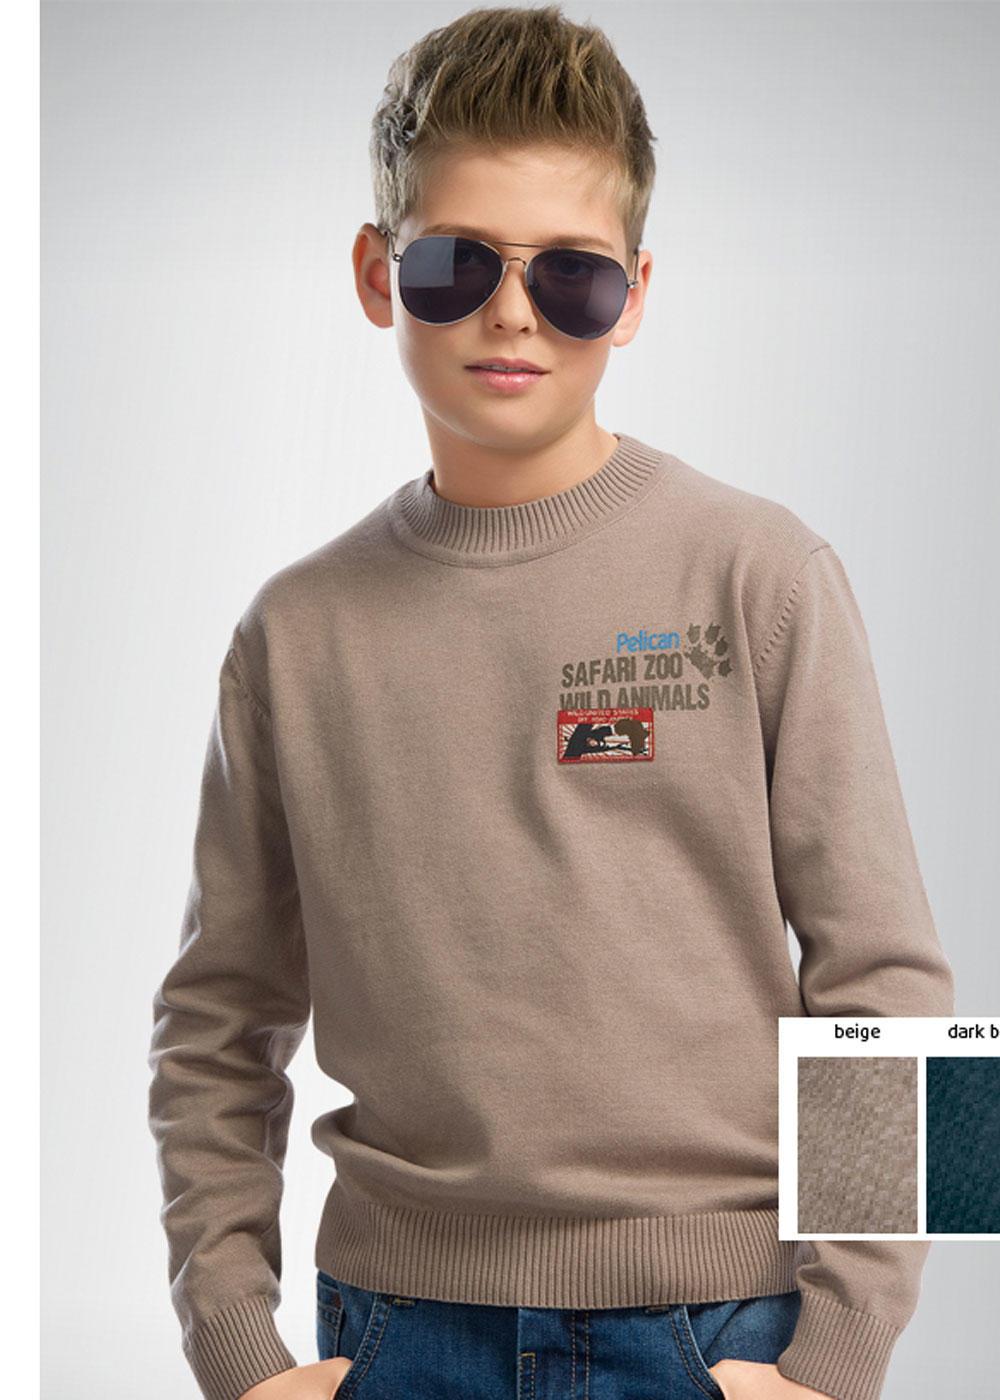 Подростковые Джемпера Для Мальчиков